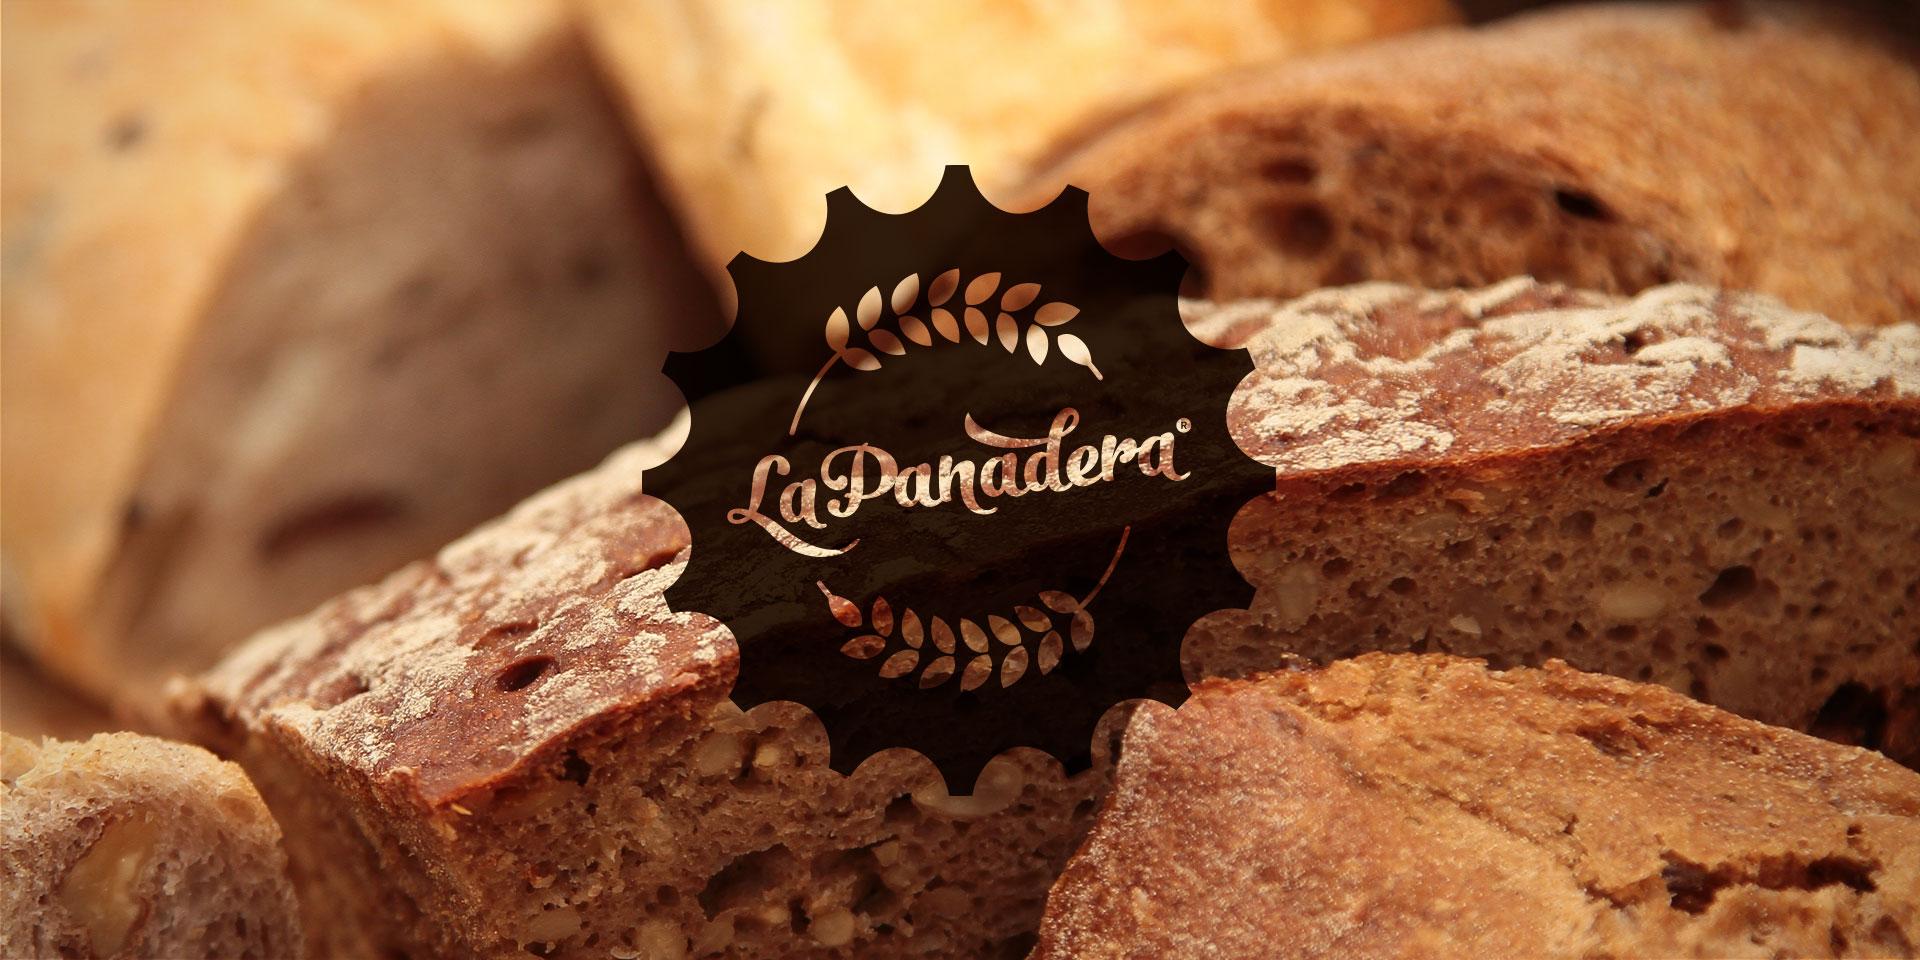 La-Panadera-logo-pan